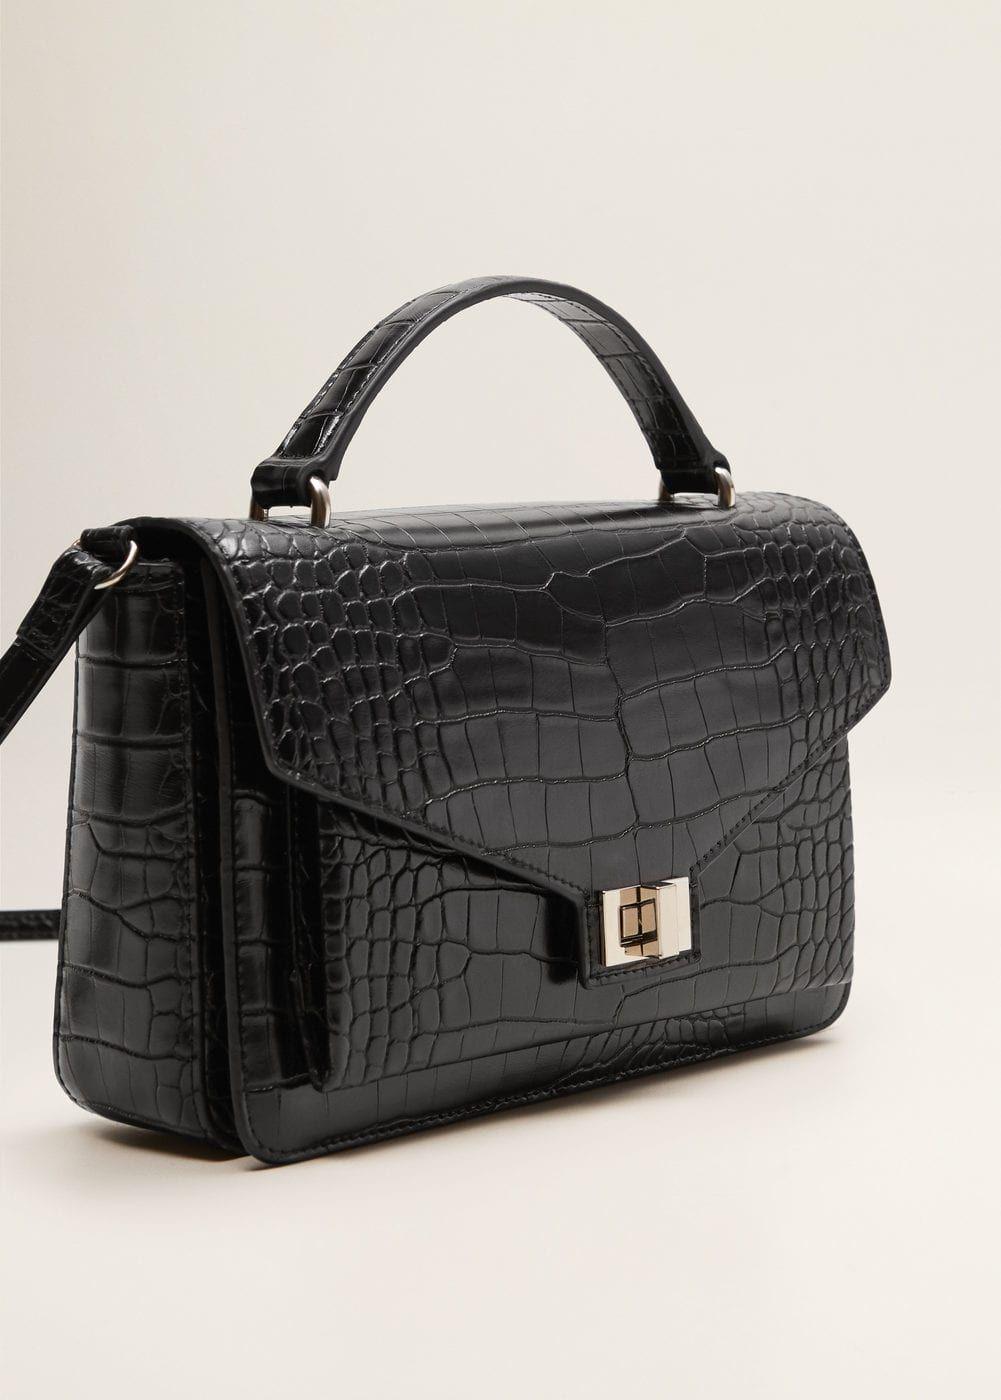 e767910a54b Cross-body croc-effect bag - Women in 2019   Wish List   Bags ...